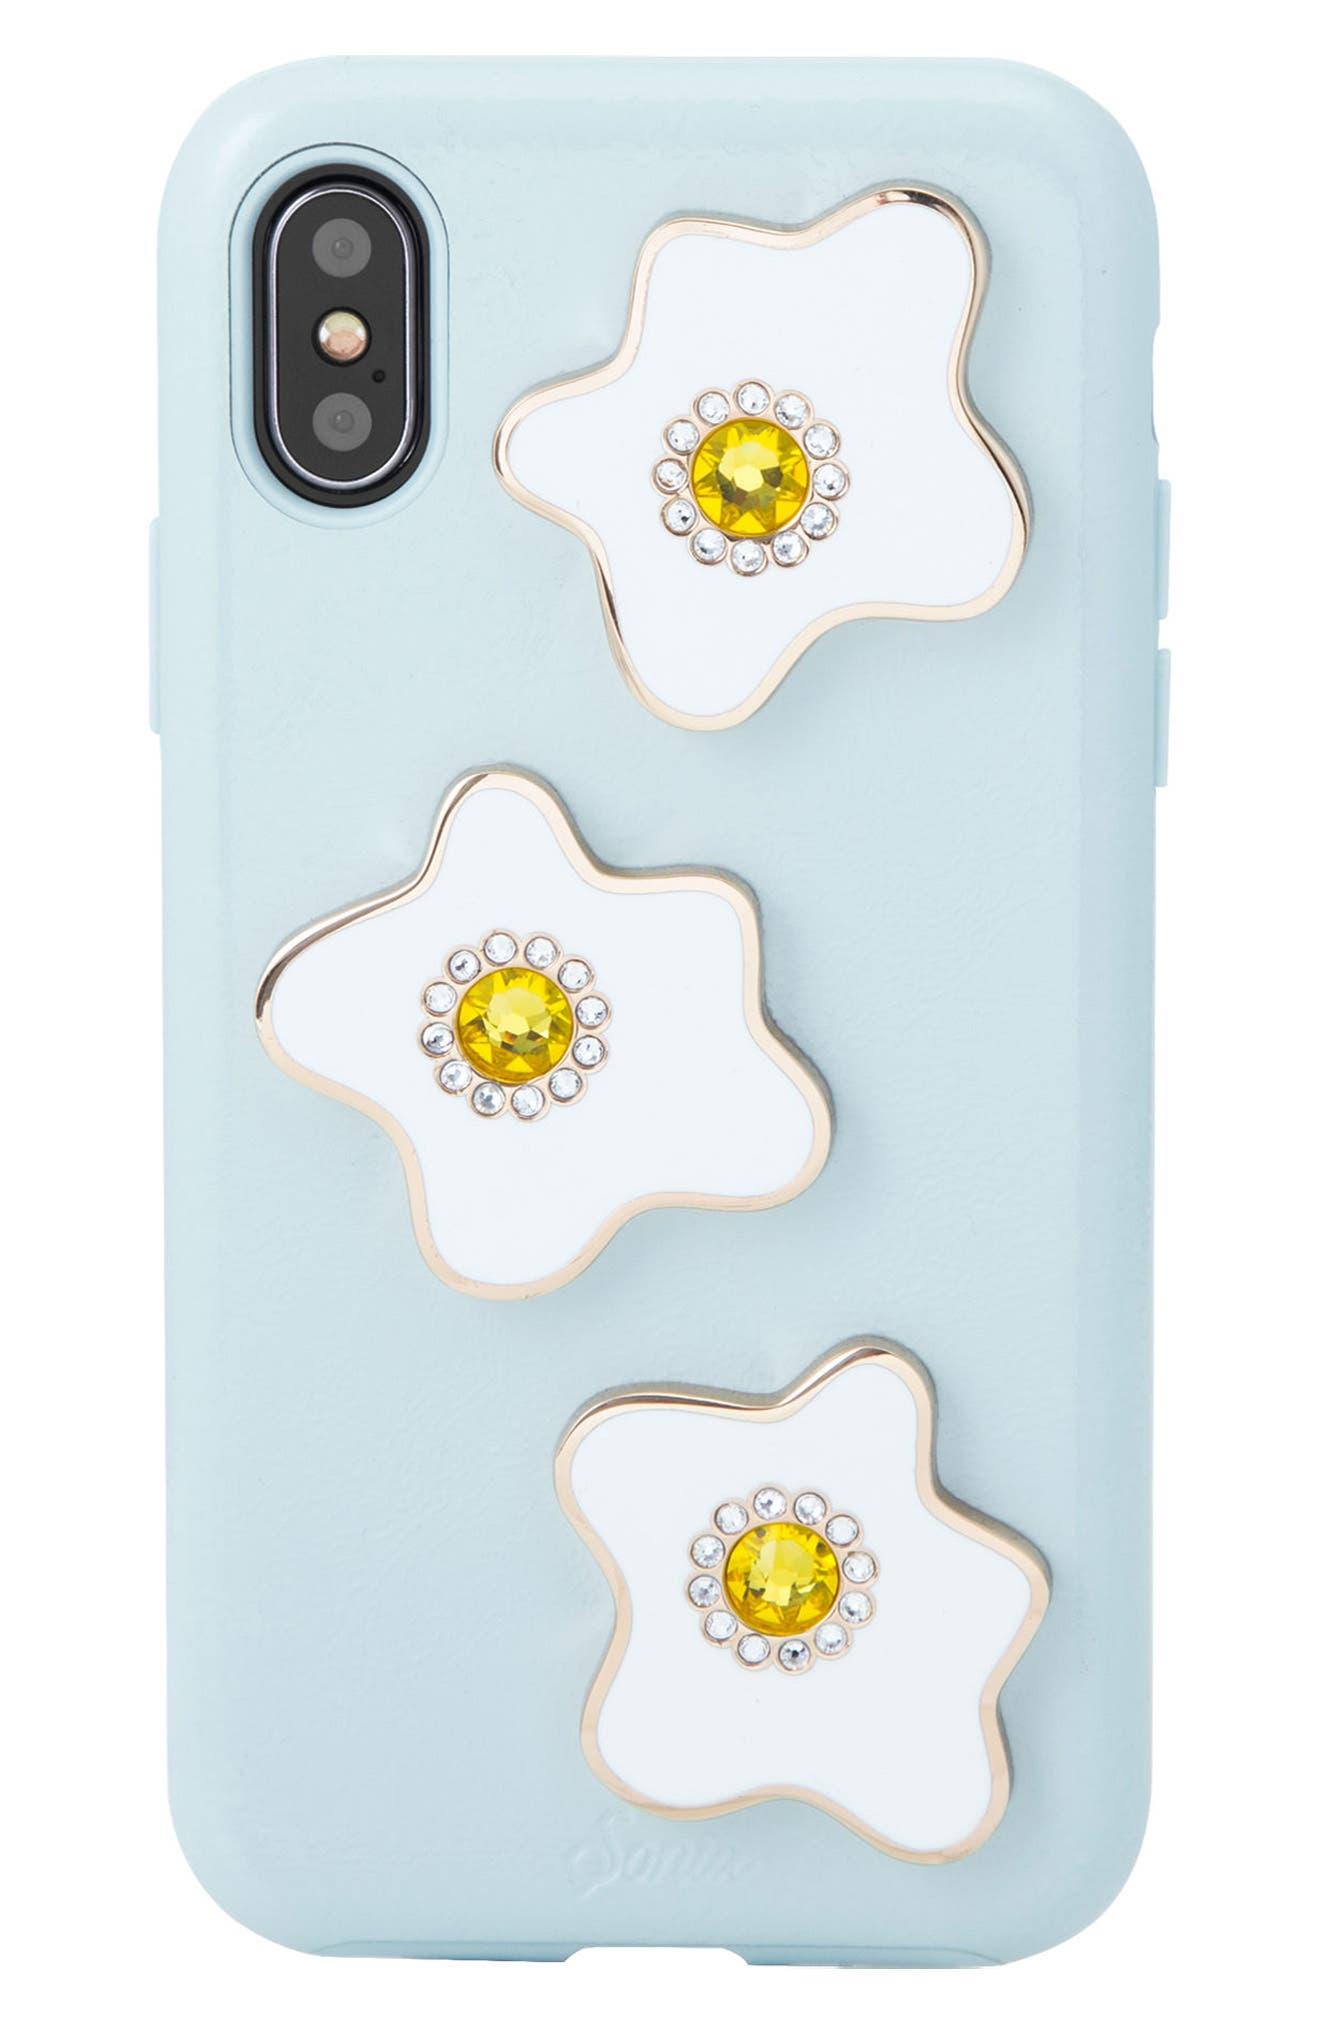 Sonix Eggy iPhone X Case